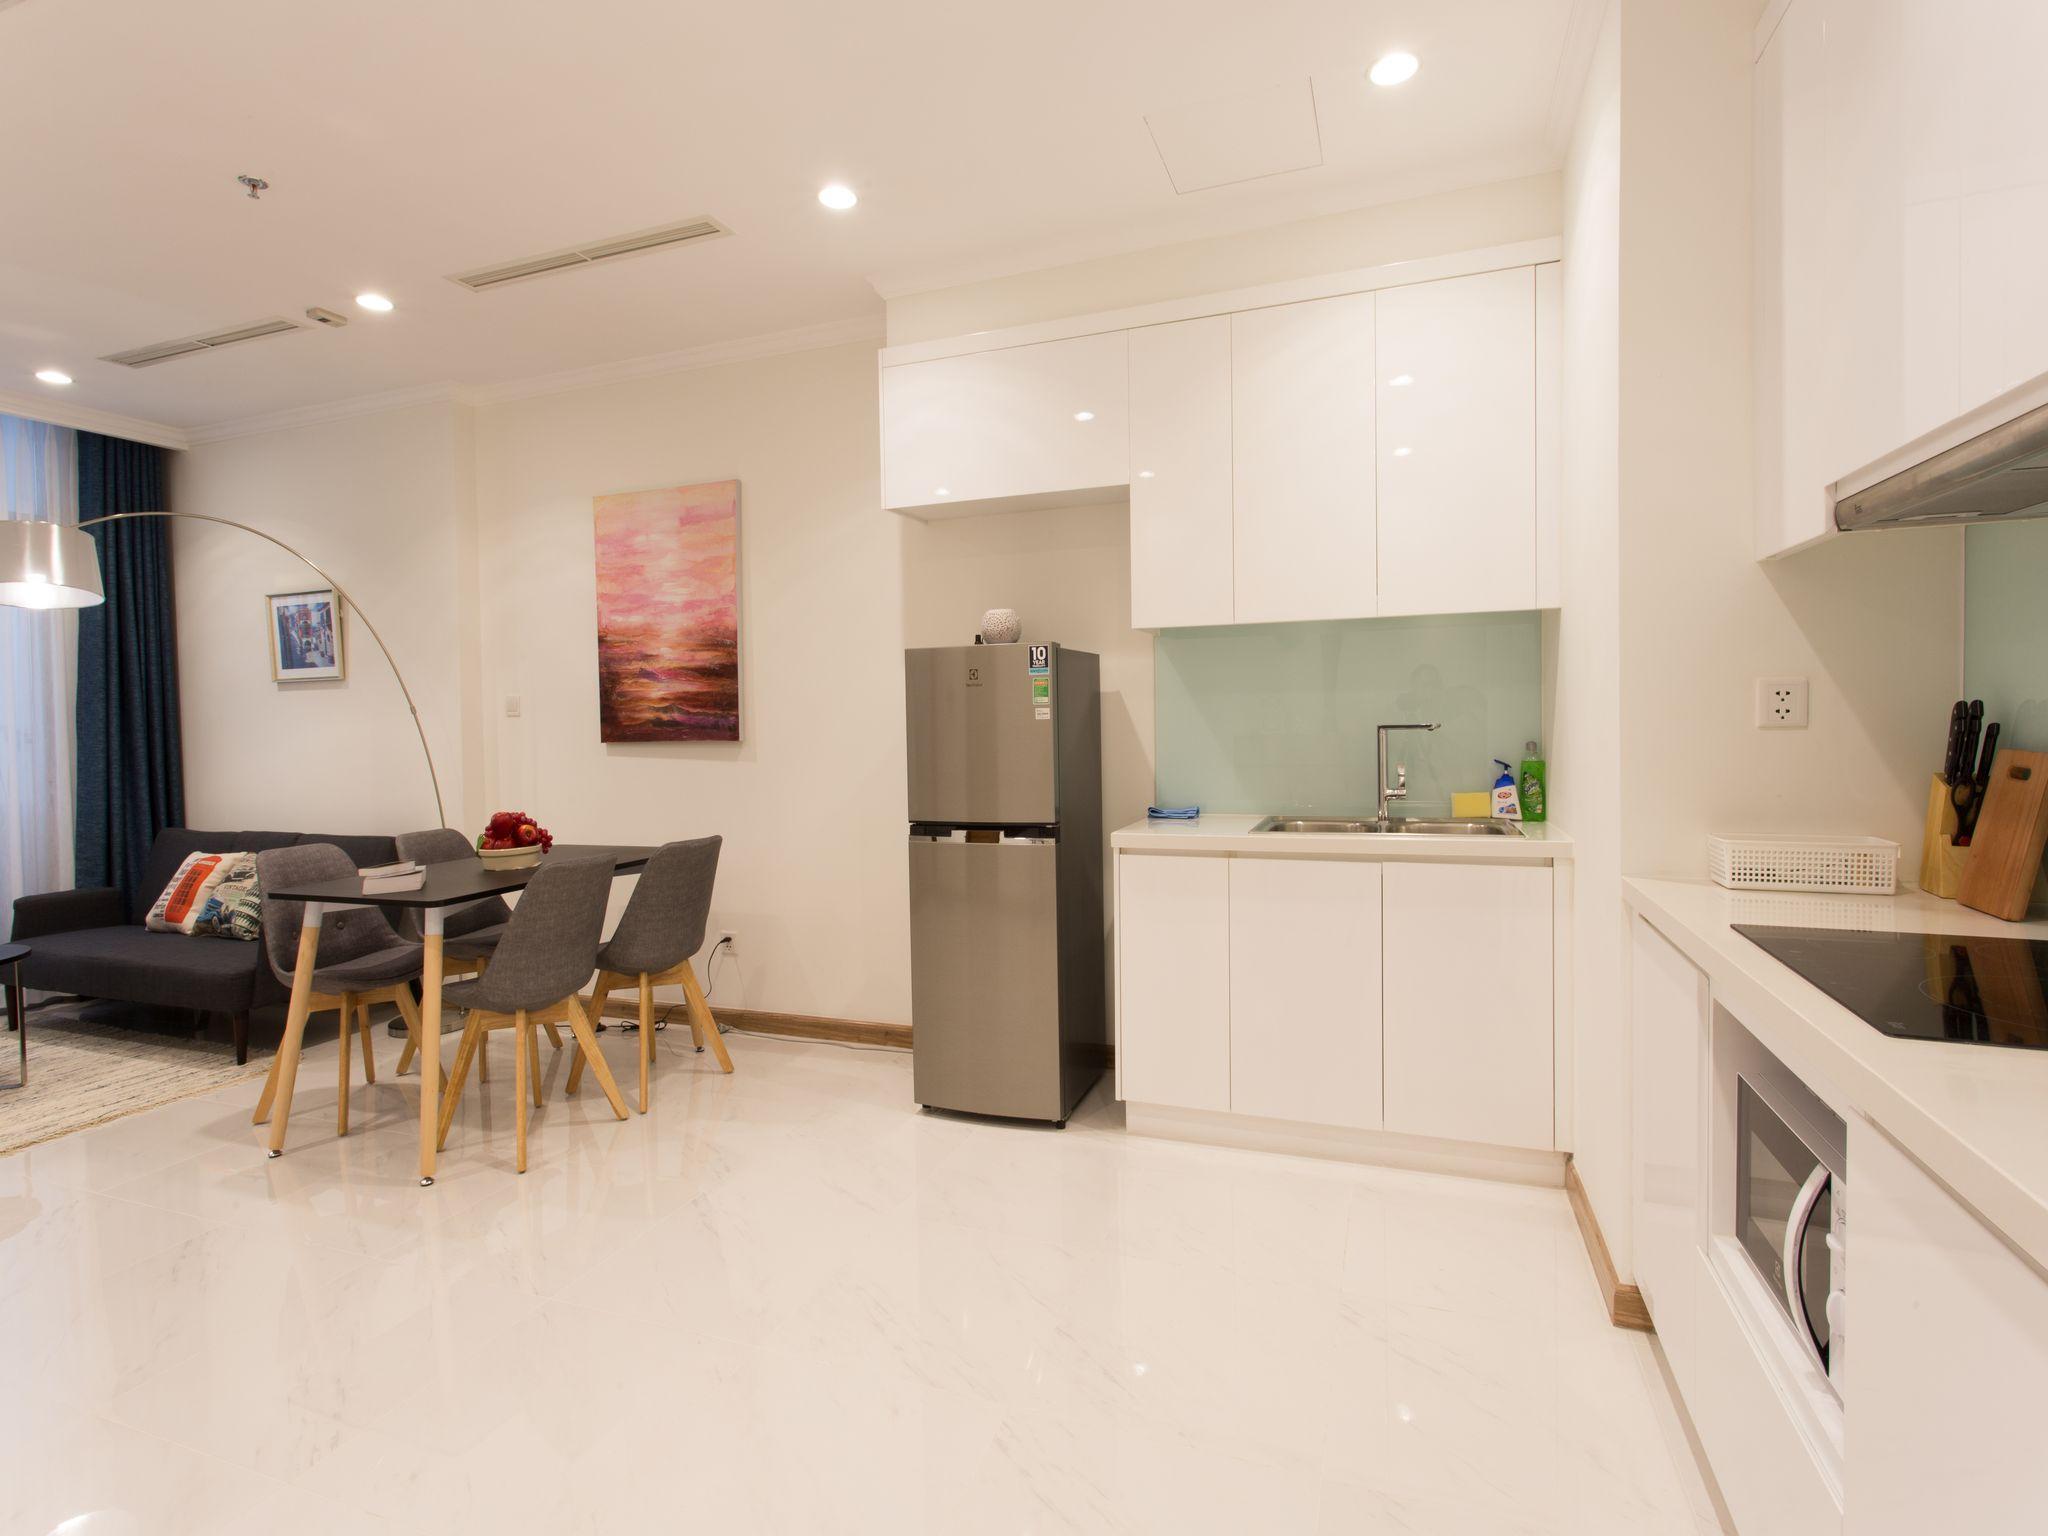 1703 Vinhomes Central Park  Tan's Apartment